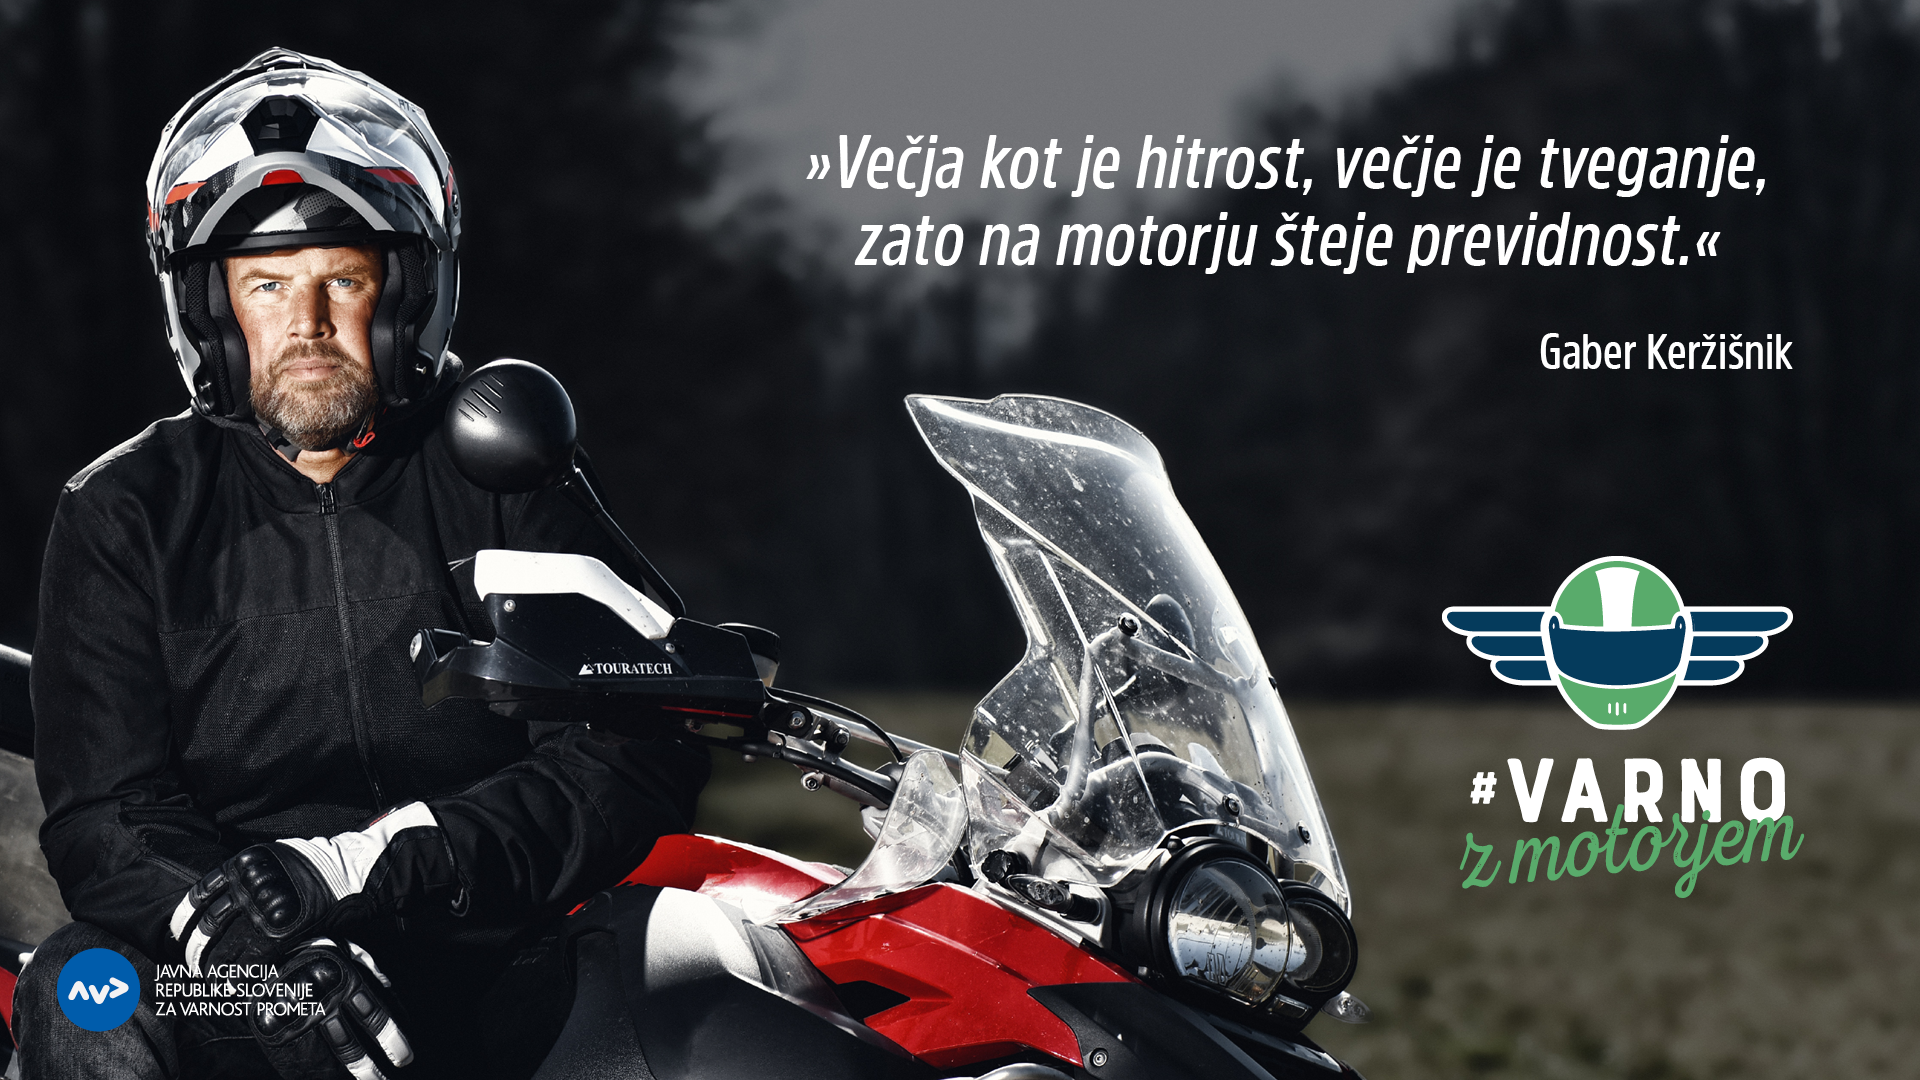 Opozorila motoristom in mopedistom pred sezono